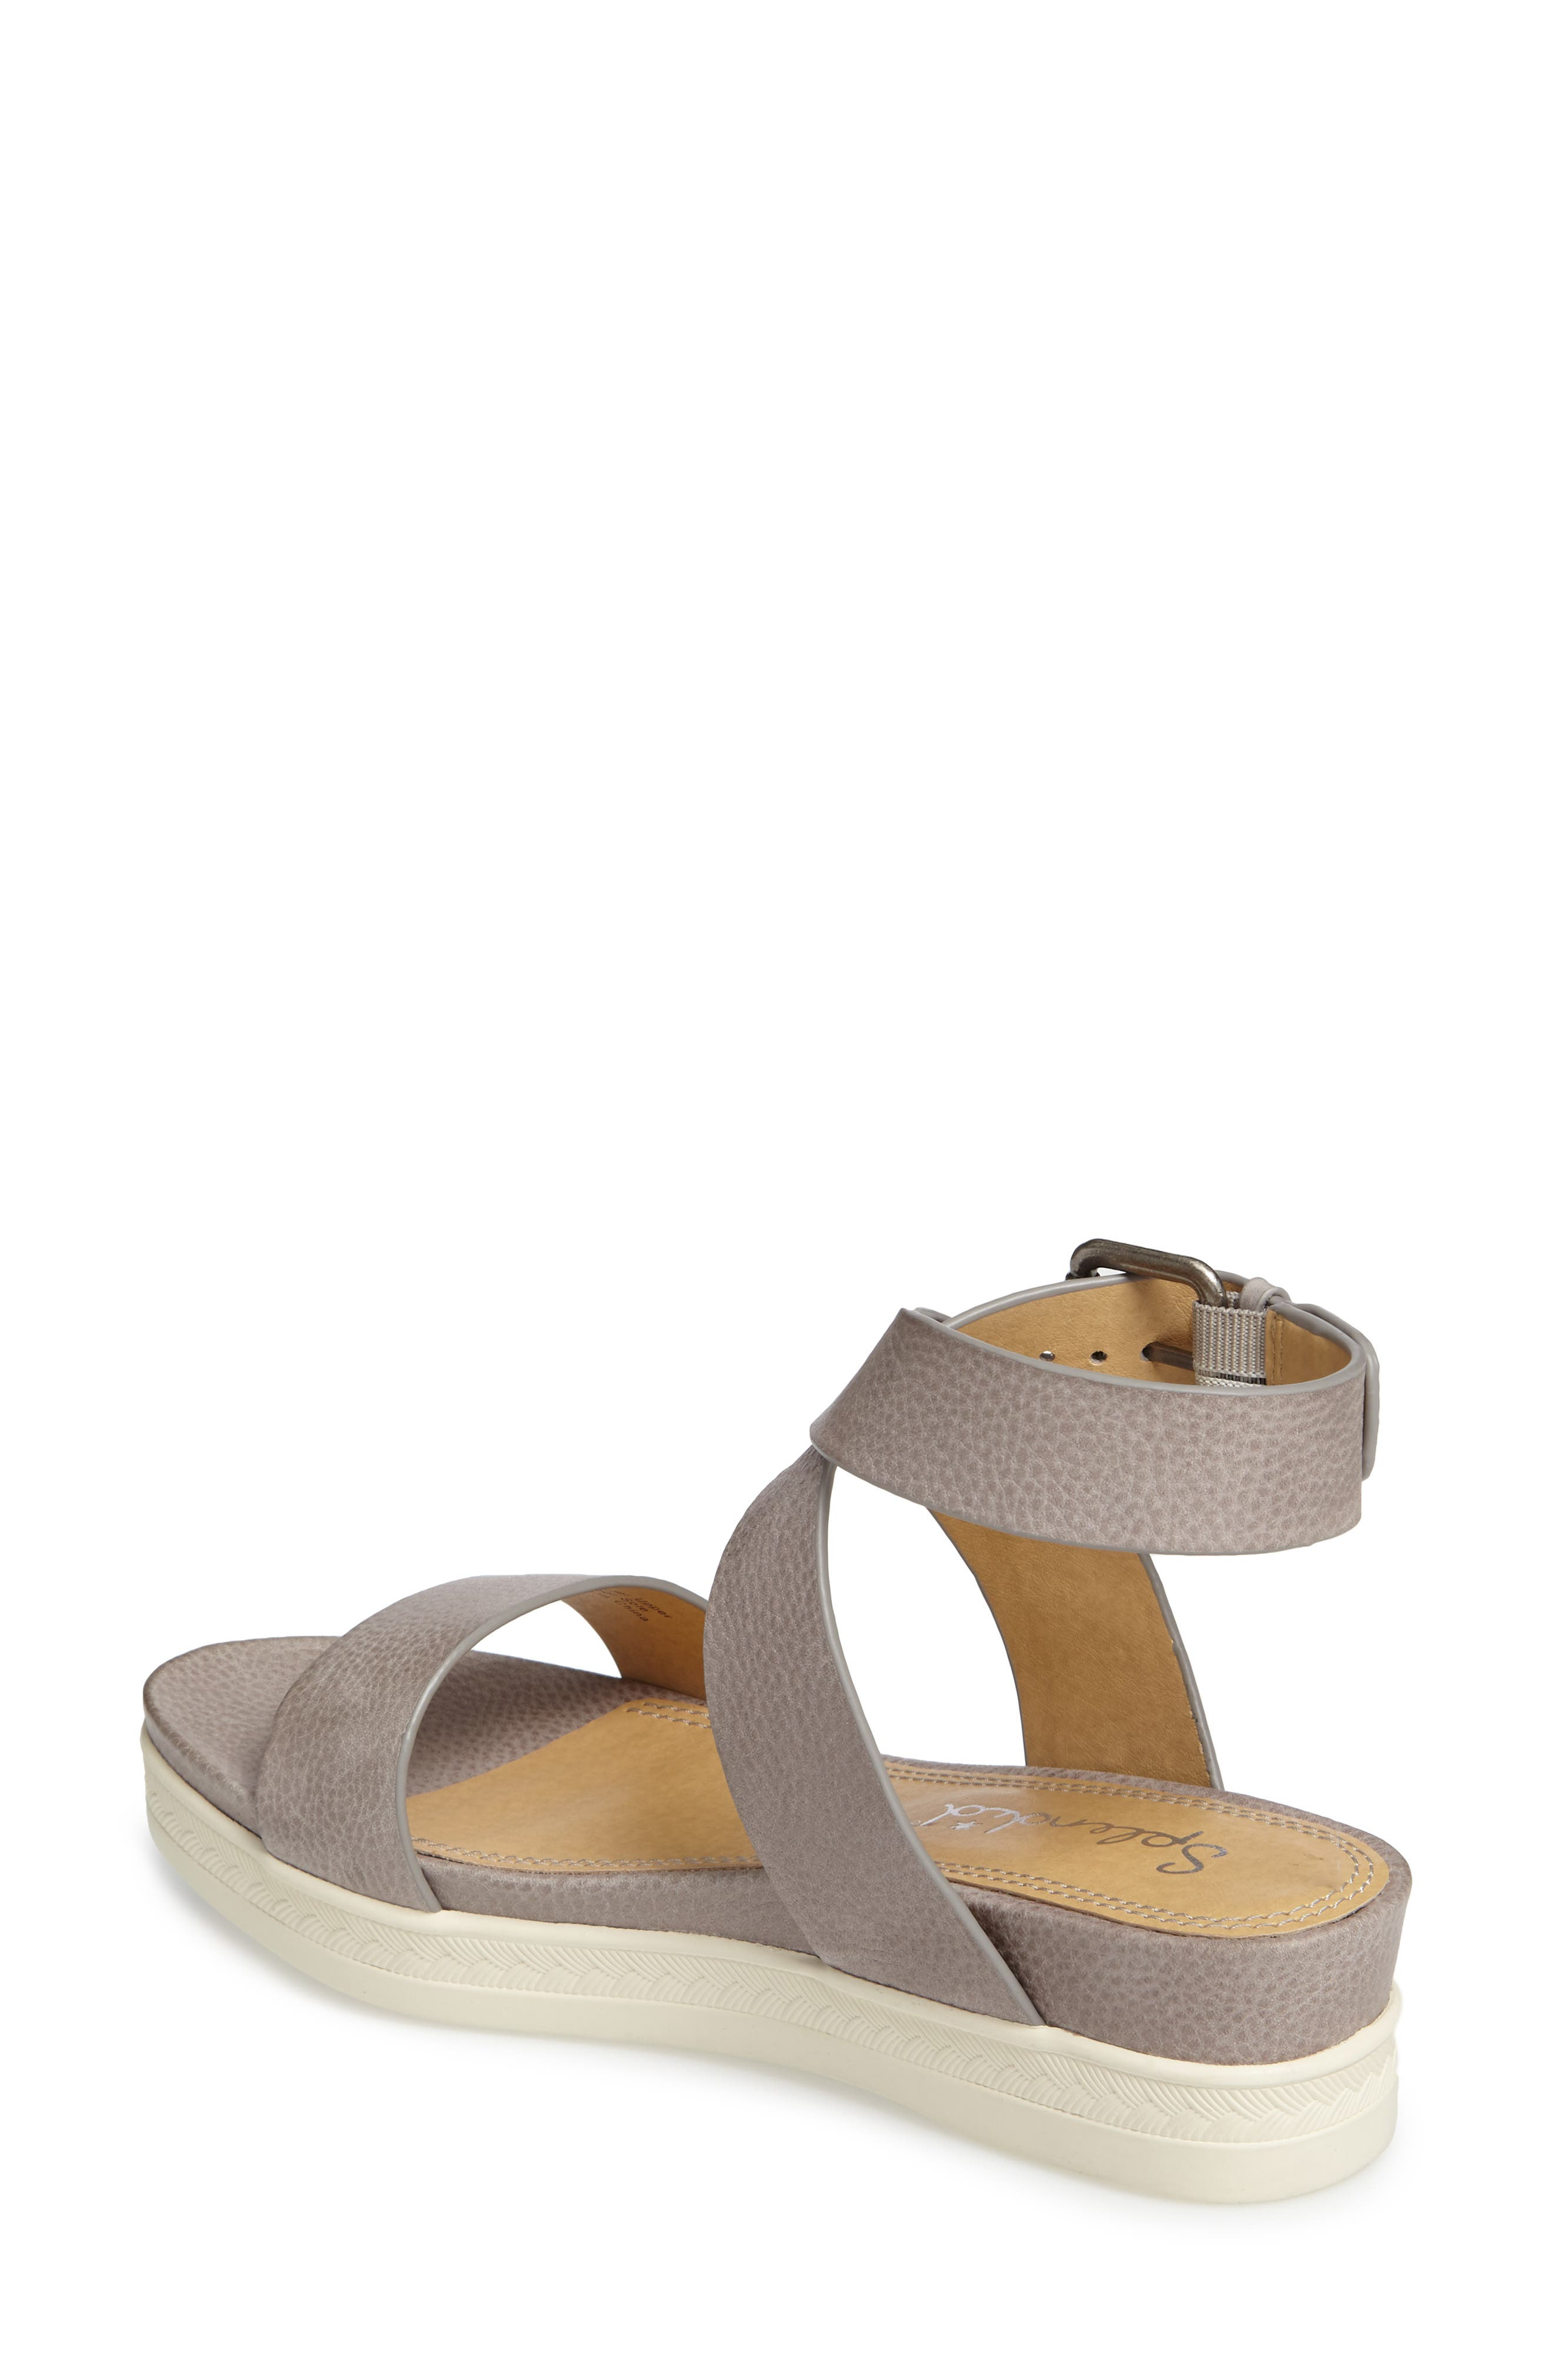 Julie Platform Sandal,                             Alternate thumbnail 2, color,                             Light Grey Leather